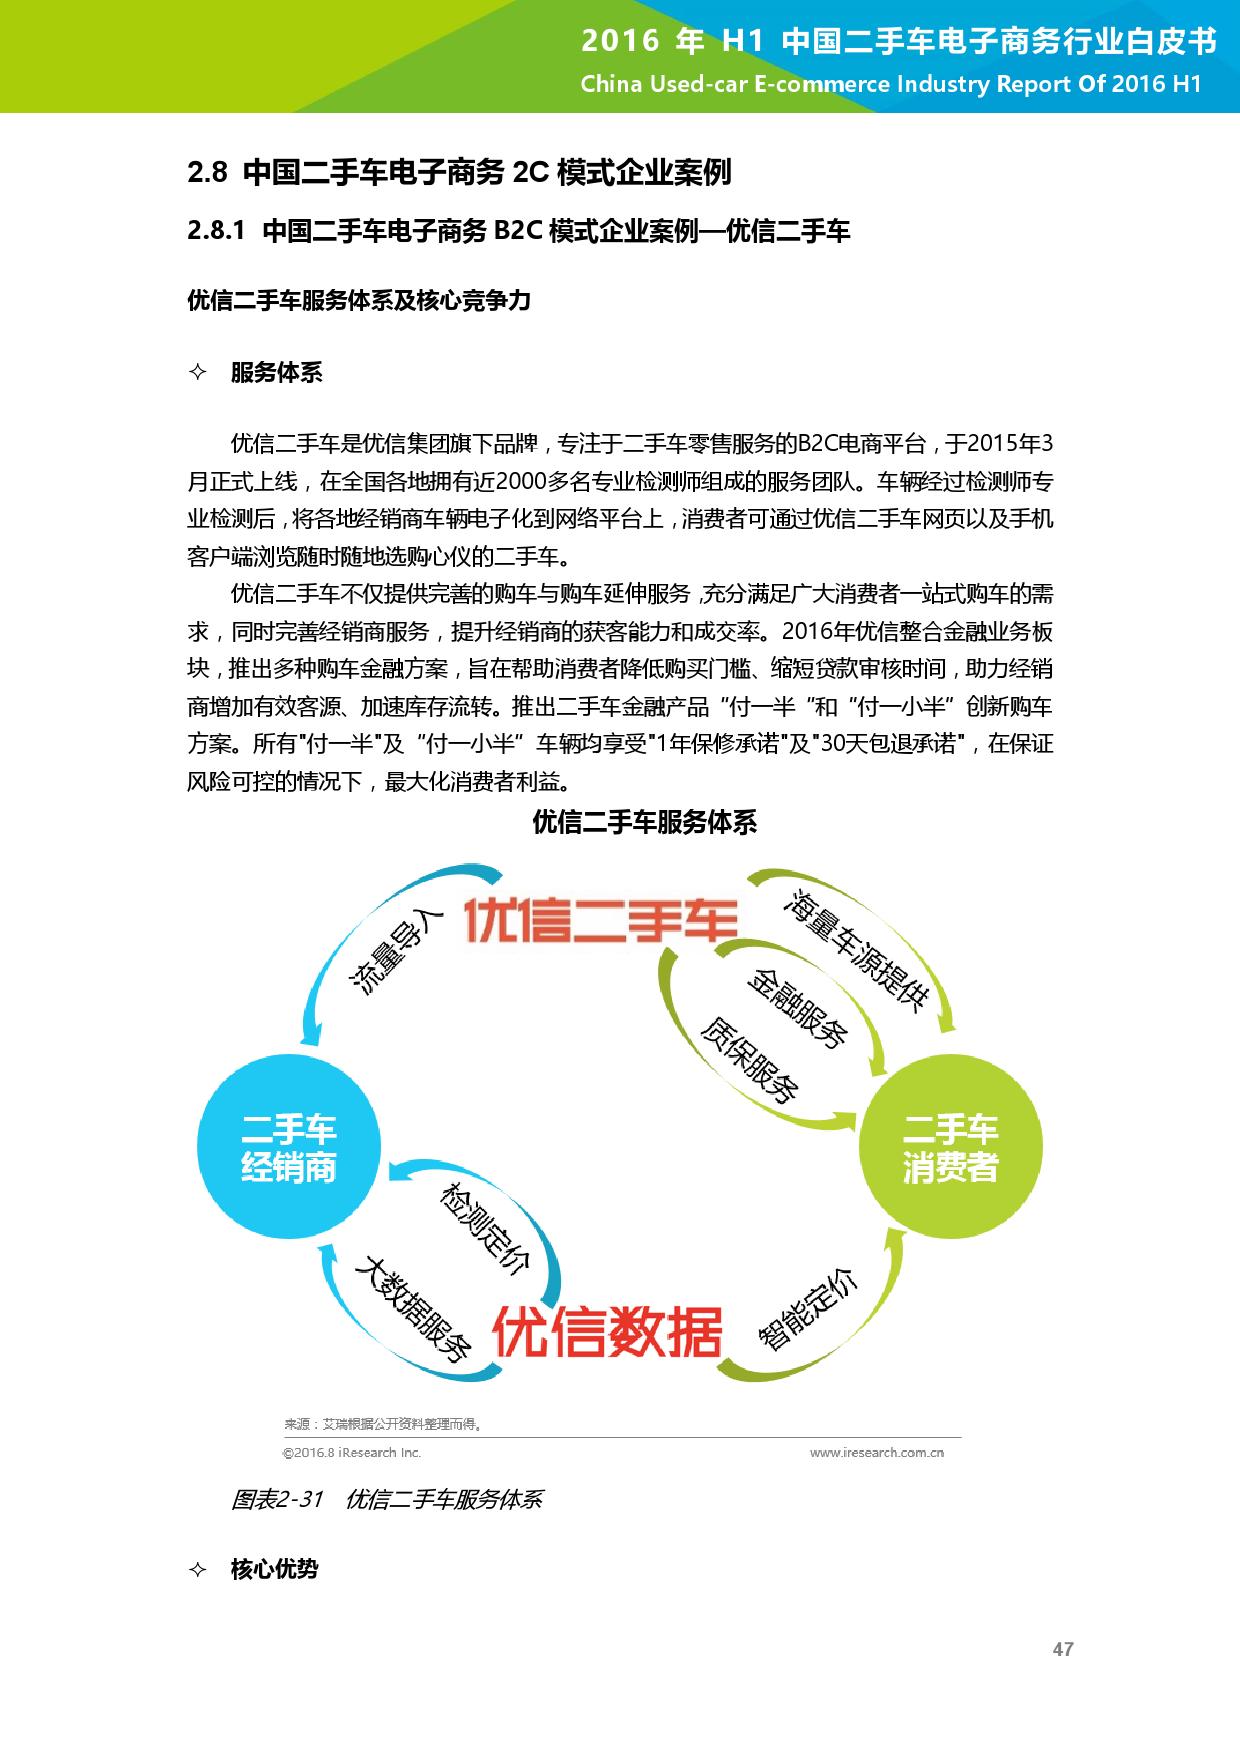 2016年H1中国二手车电子商务行业白皮书_000048